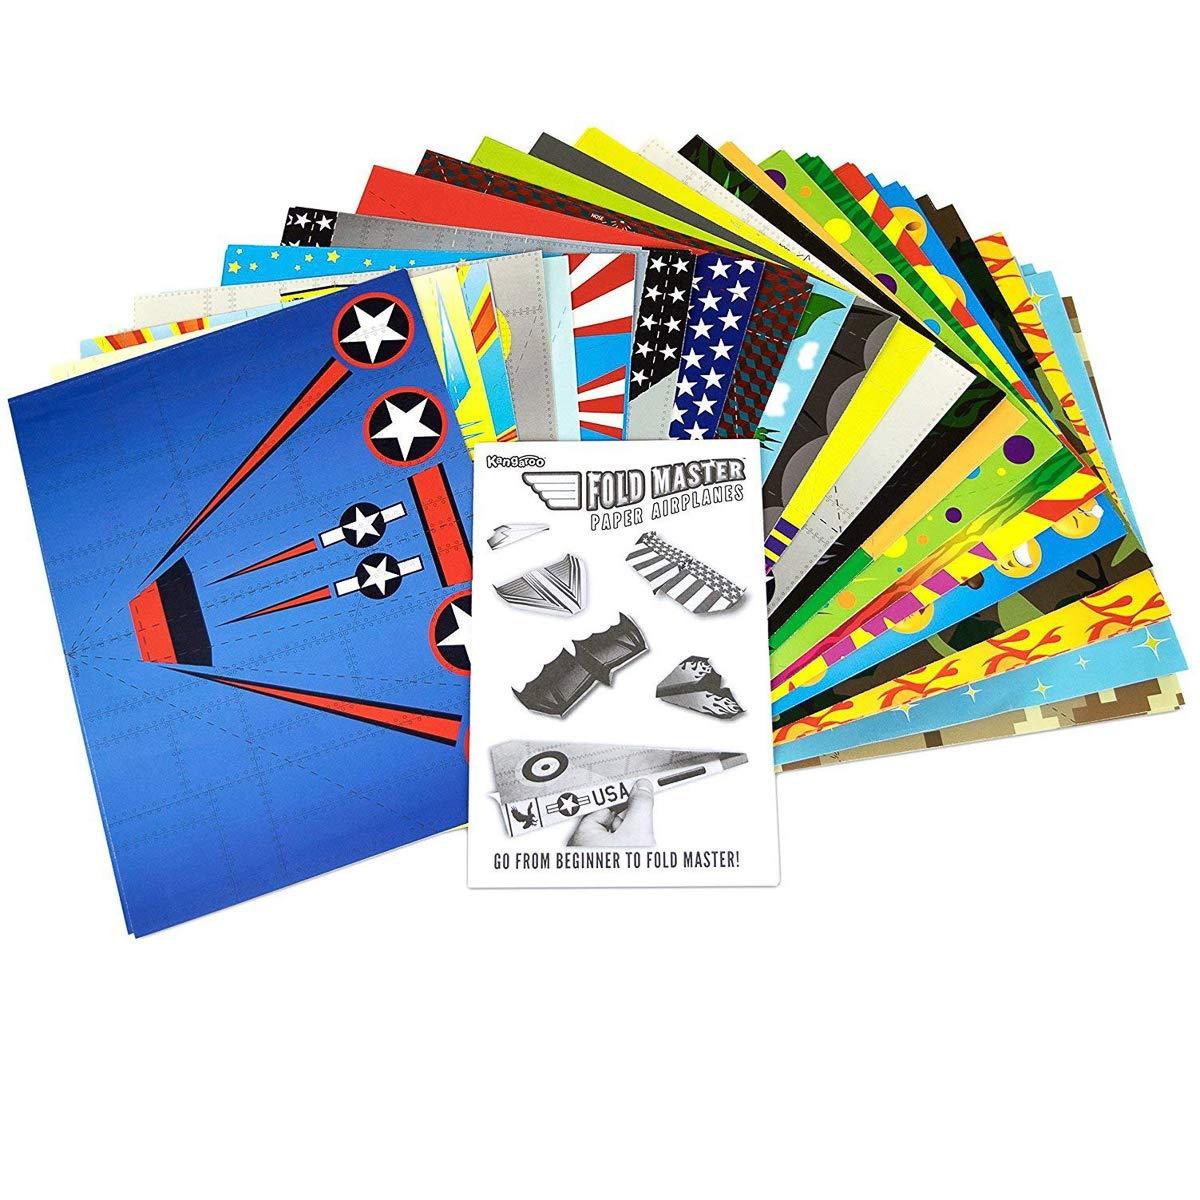 Kangaroo's Paper Airplane Kit; 72 Paper Airplanes by Kangaroo (Image #2)